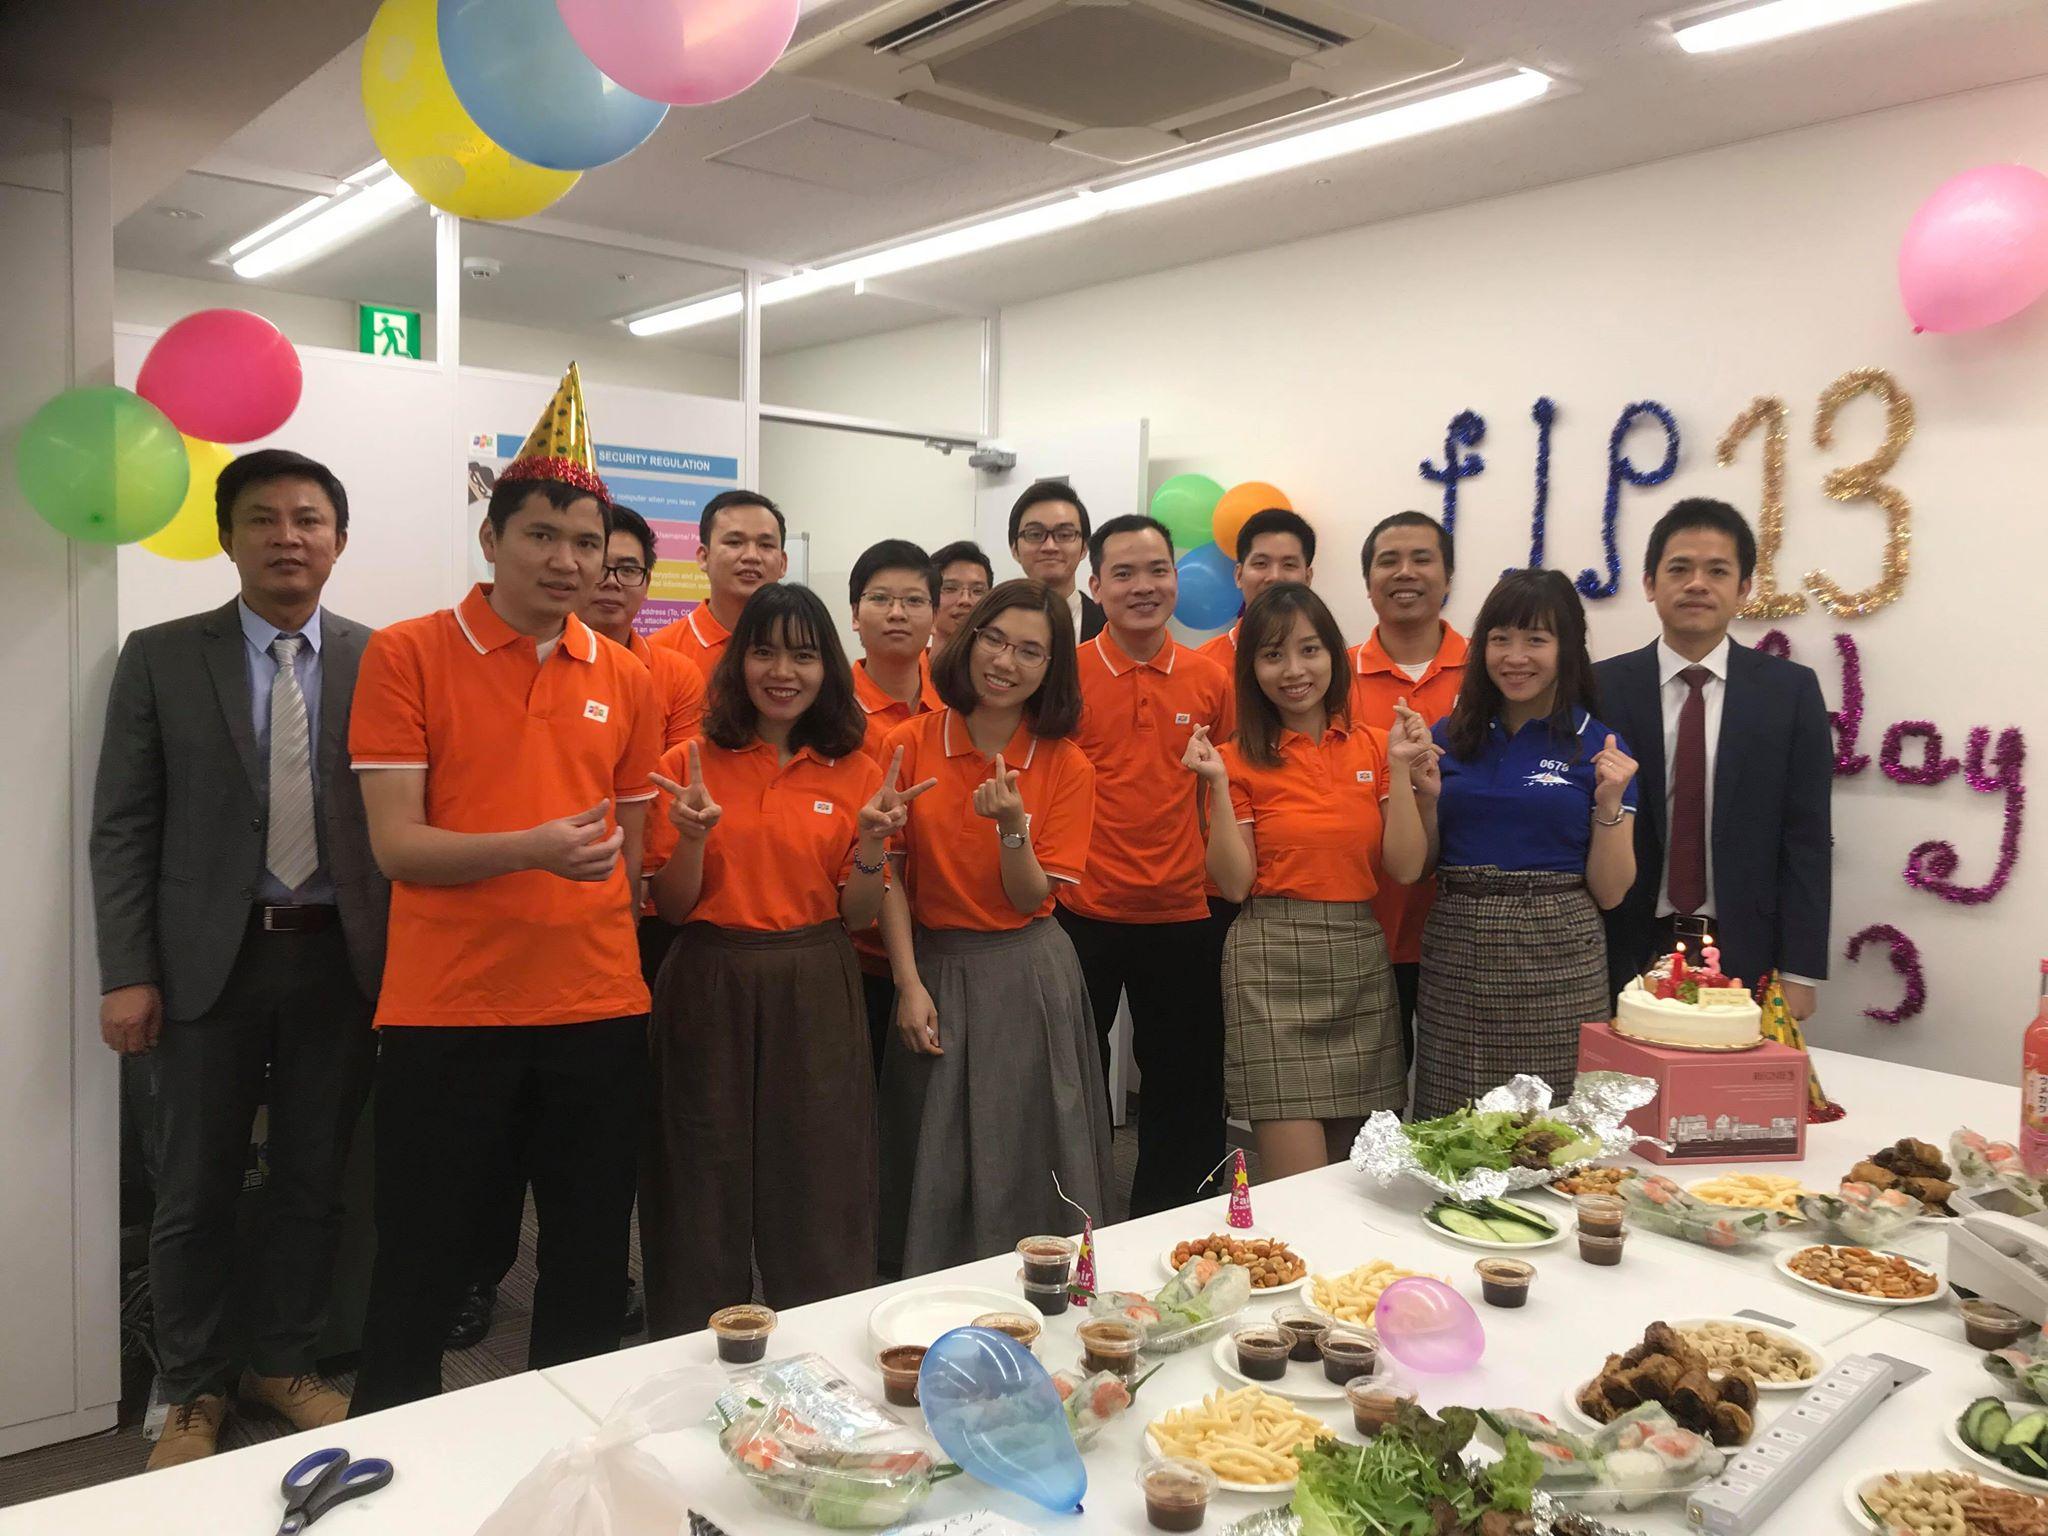 Tối 13/11, văn phòng Nagoya cùng nhau thổi nến chúc mừng sinh nhật FPT Japan 13 tuổi. Các CBNV Nagoya đã có bữa tiệc sinh nhật rất ấm cúng và vui vẻ bên nhau khi cùng hát các ca khúc tiếng Việt và ôn lại kỷ niệm trong những năm tháng đã làm việc cùng nhau tại đất nước mặt trời mọc.